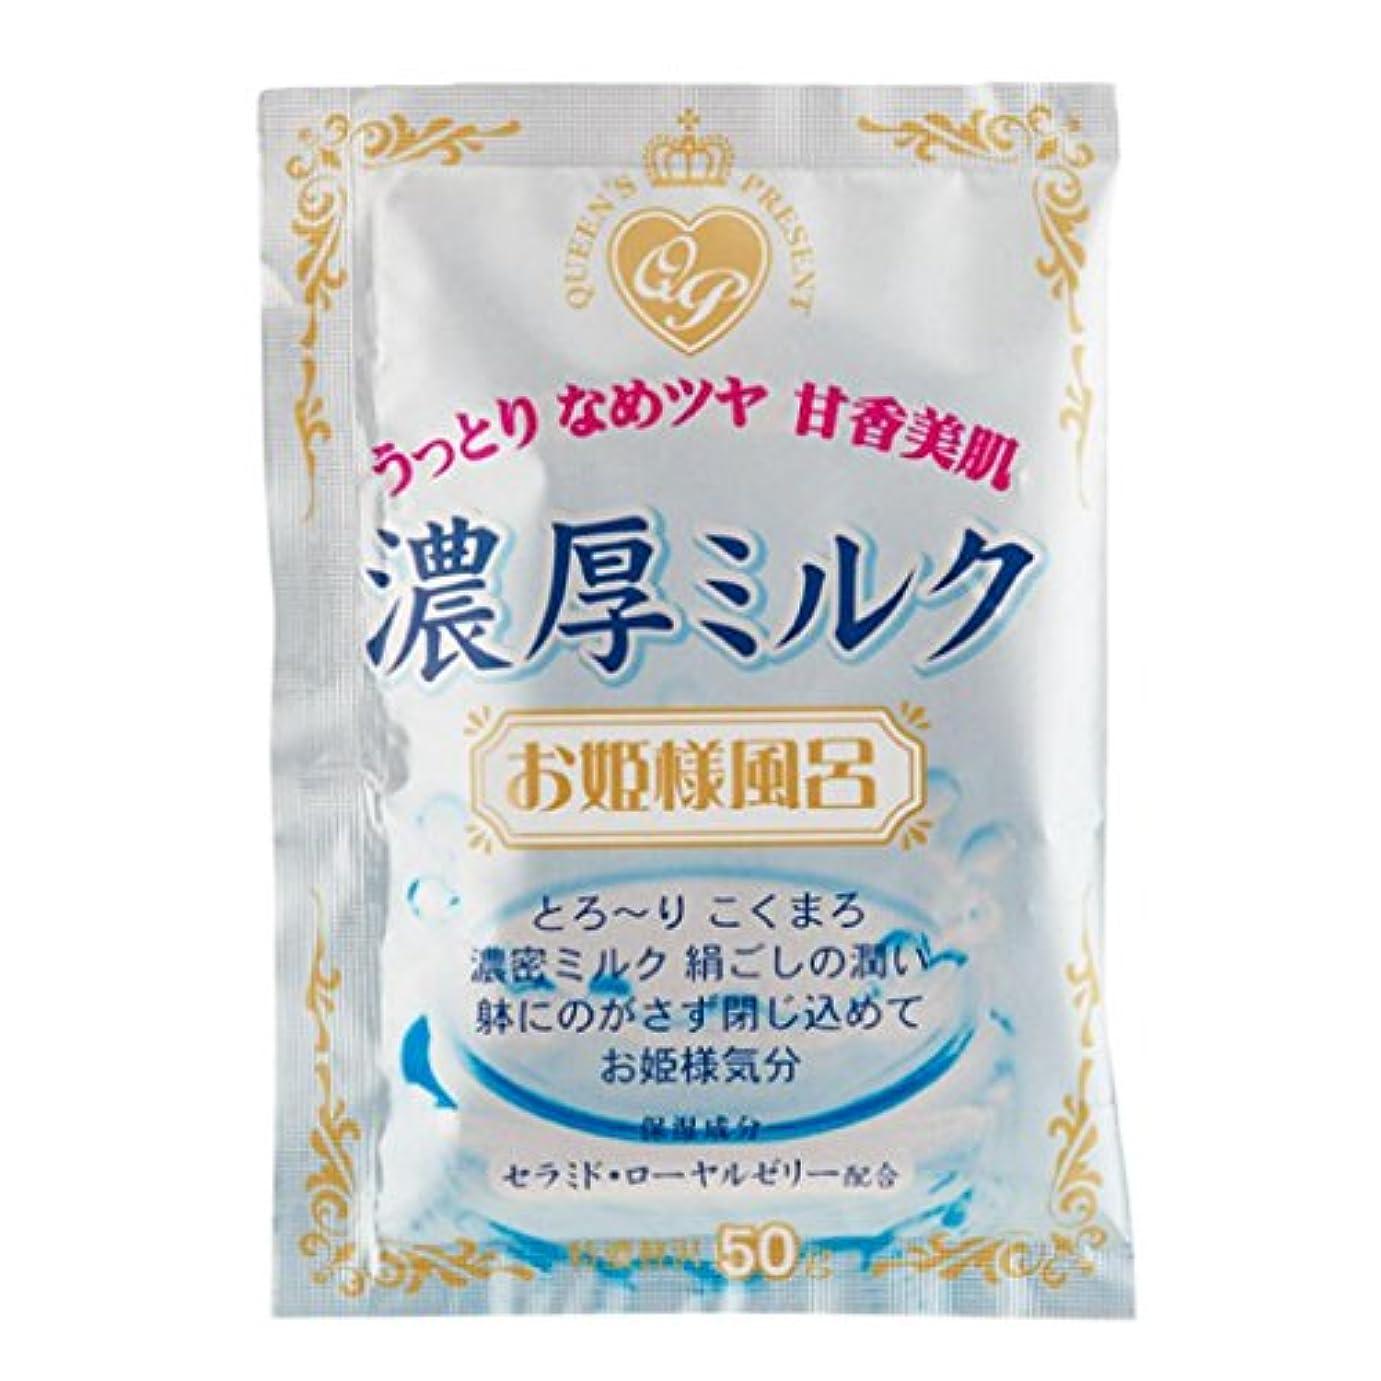 ソロ一緒電気的紀陽除虫菊 お姫様風呂  濃厚ミルク【まとめ買い12個セット】 N-8160